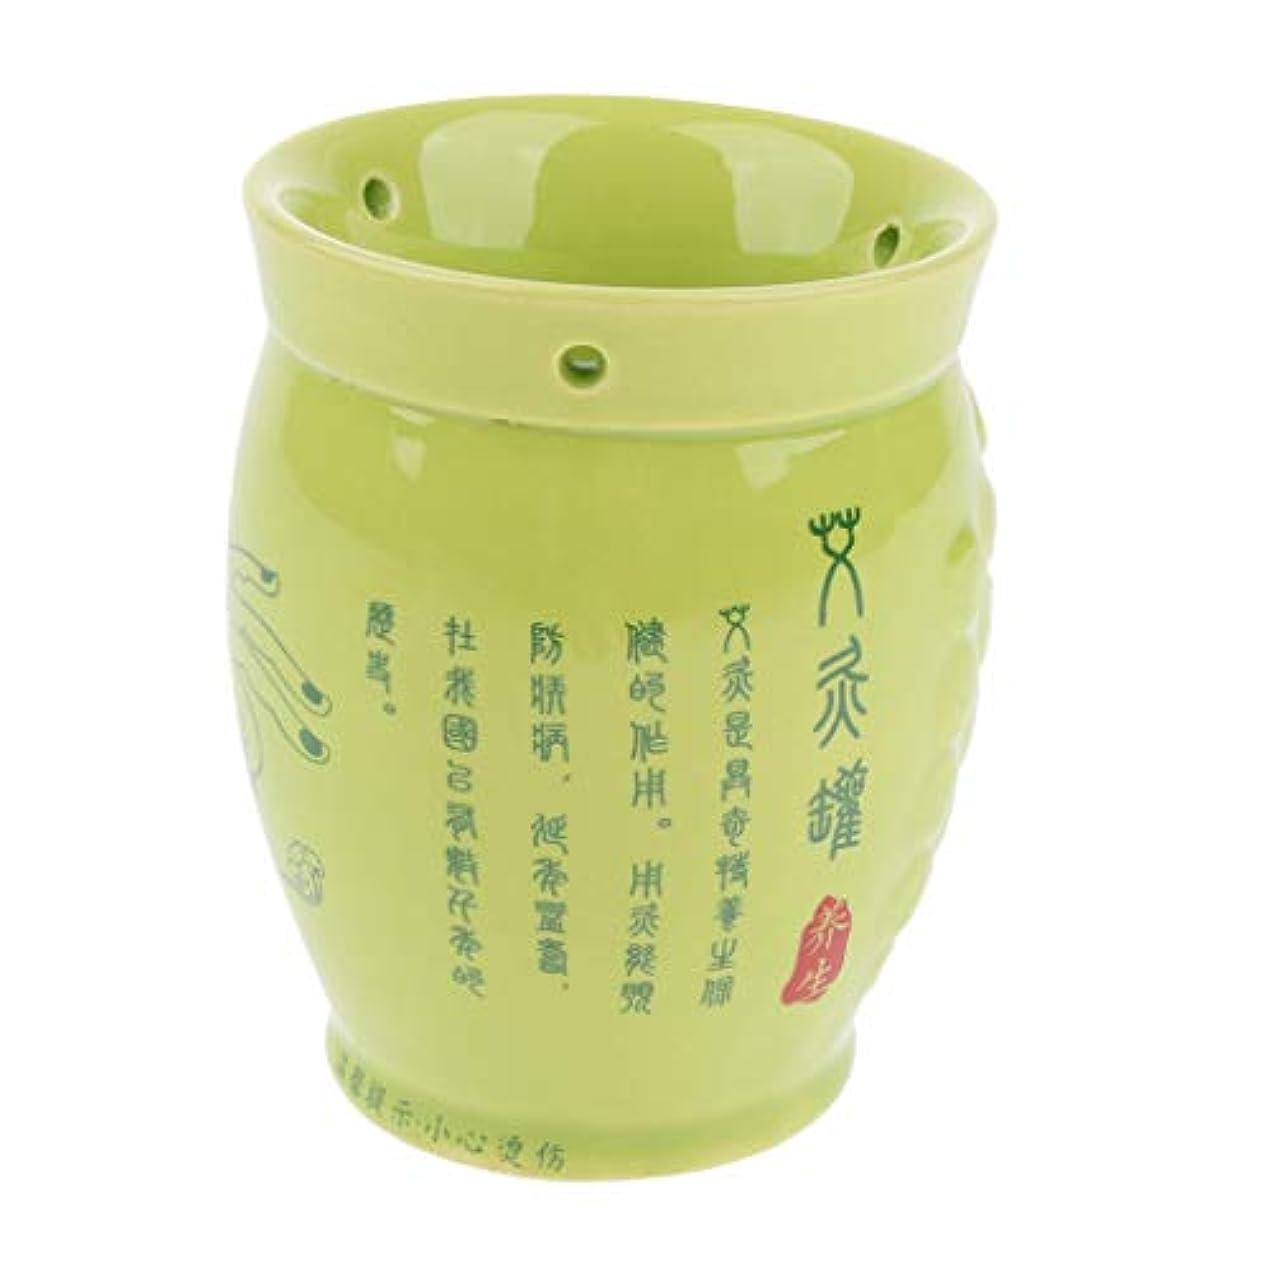 乗り出す許可する外出sharprepublic 全身マッサージ カッピングカップ 缶 ポット お灸 中国式 セラミック リラックス 男女兼用